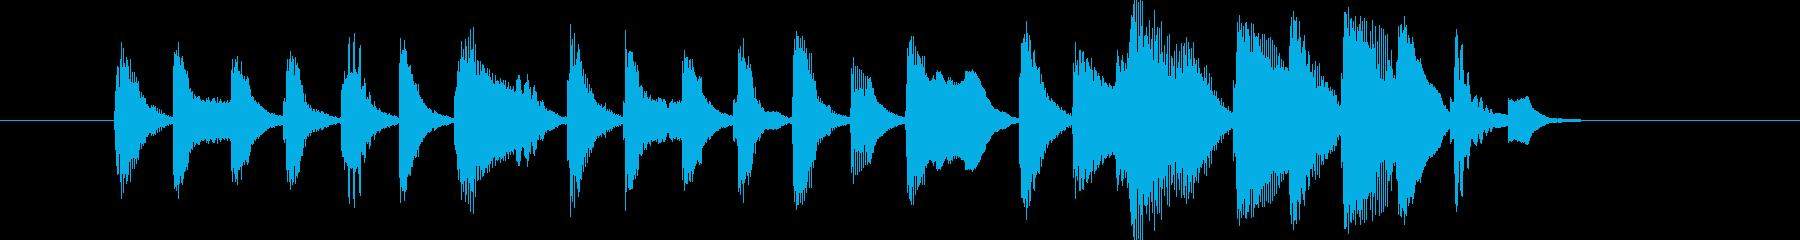 コミカルで軽快なピアノと口ずさめるメロ…の再生済みの波形